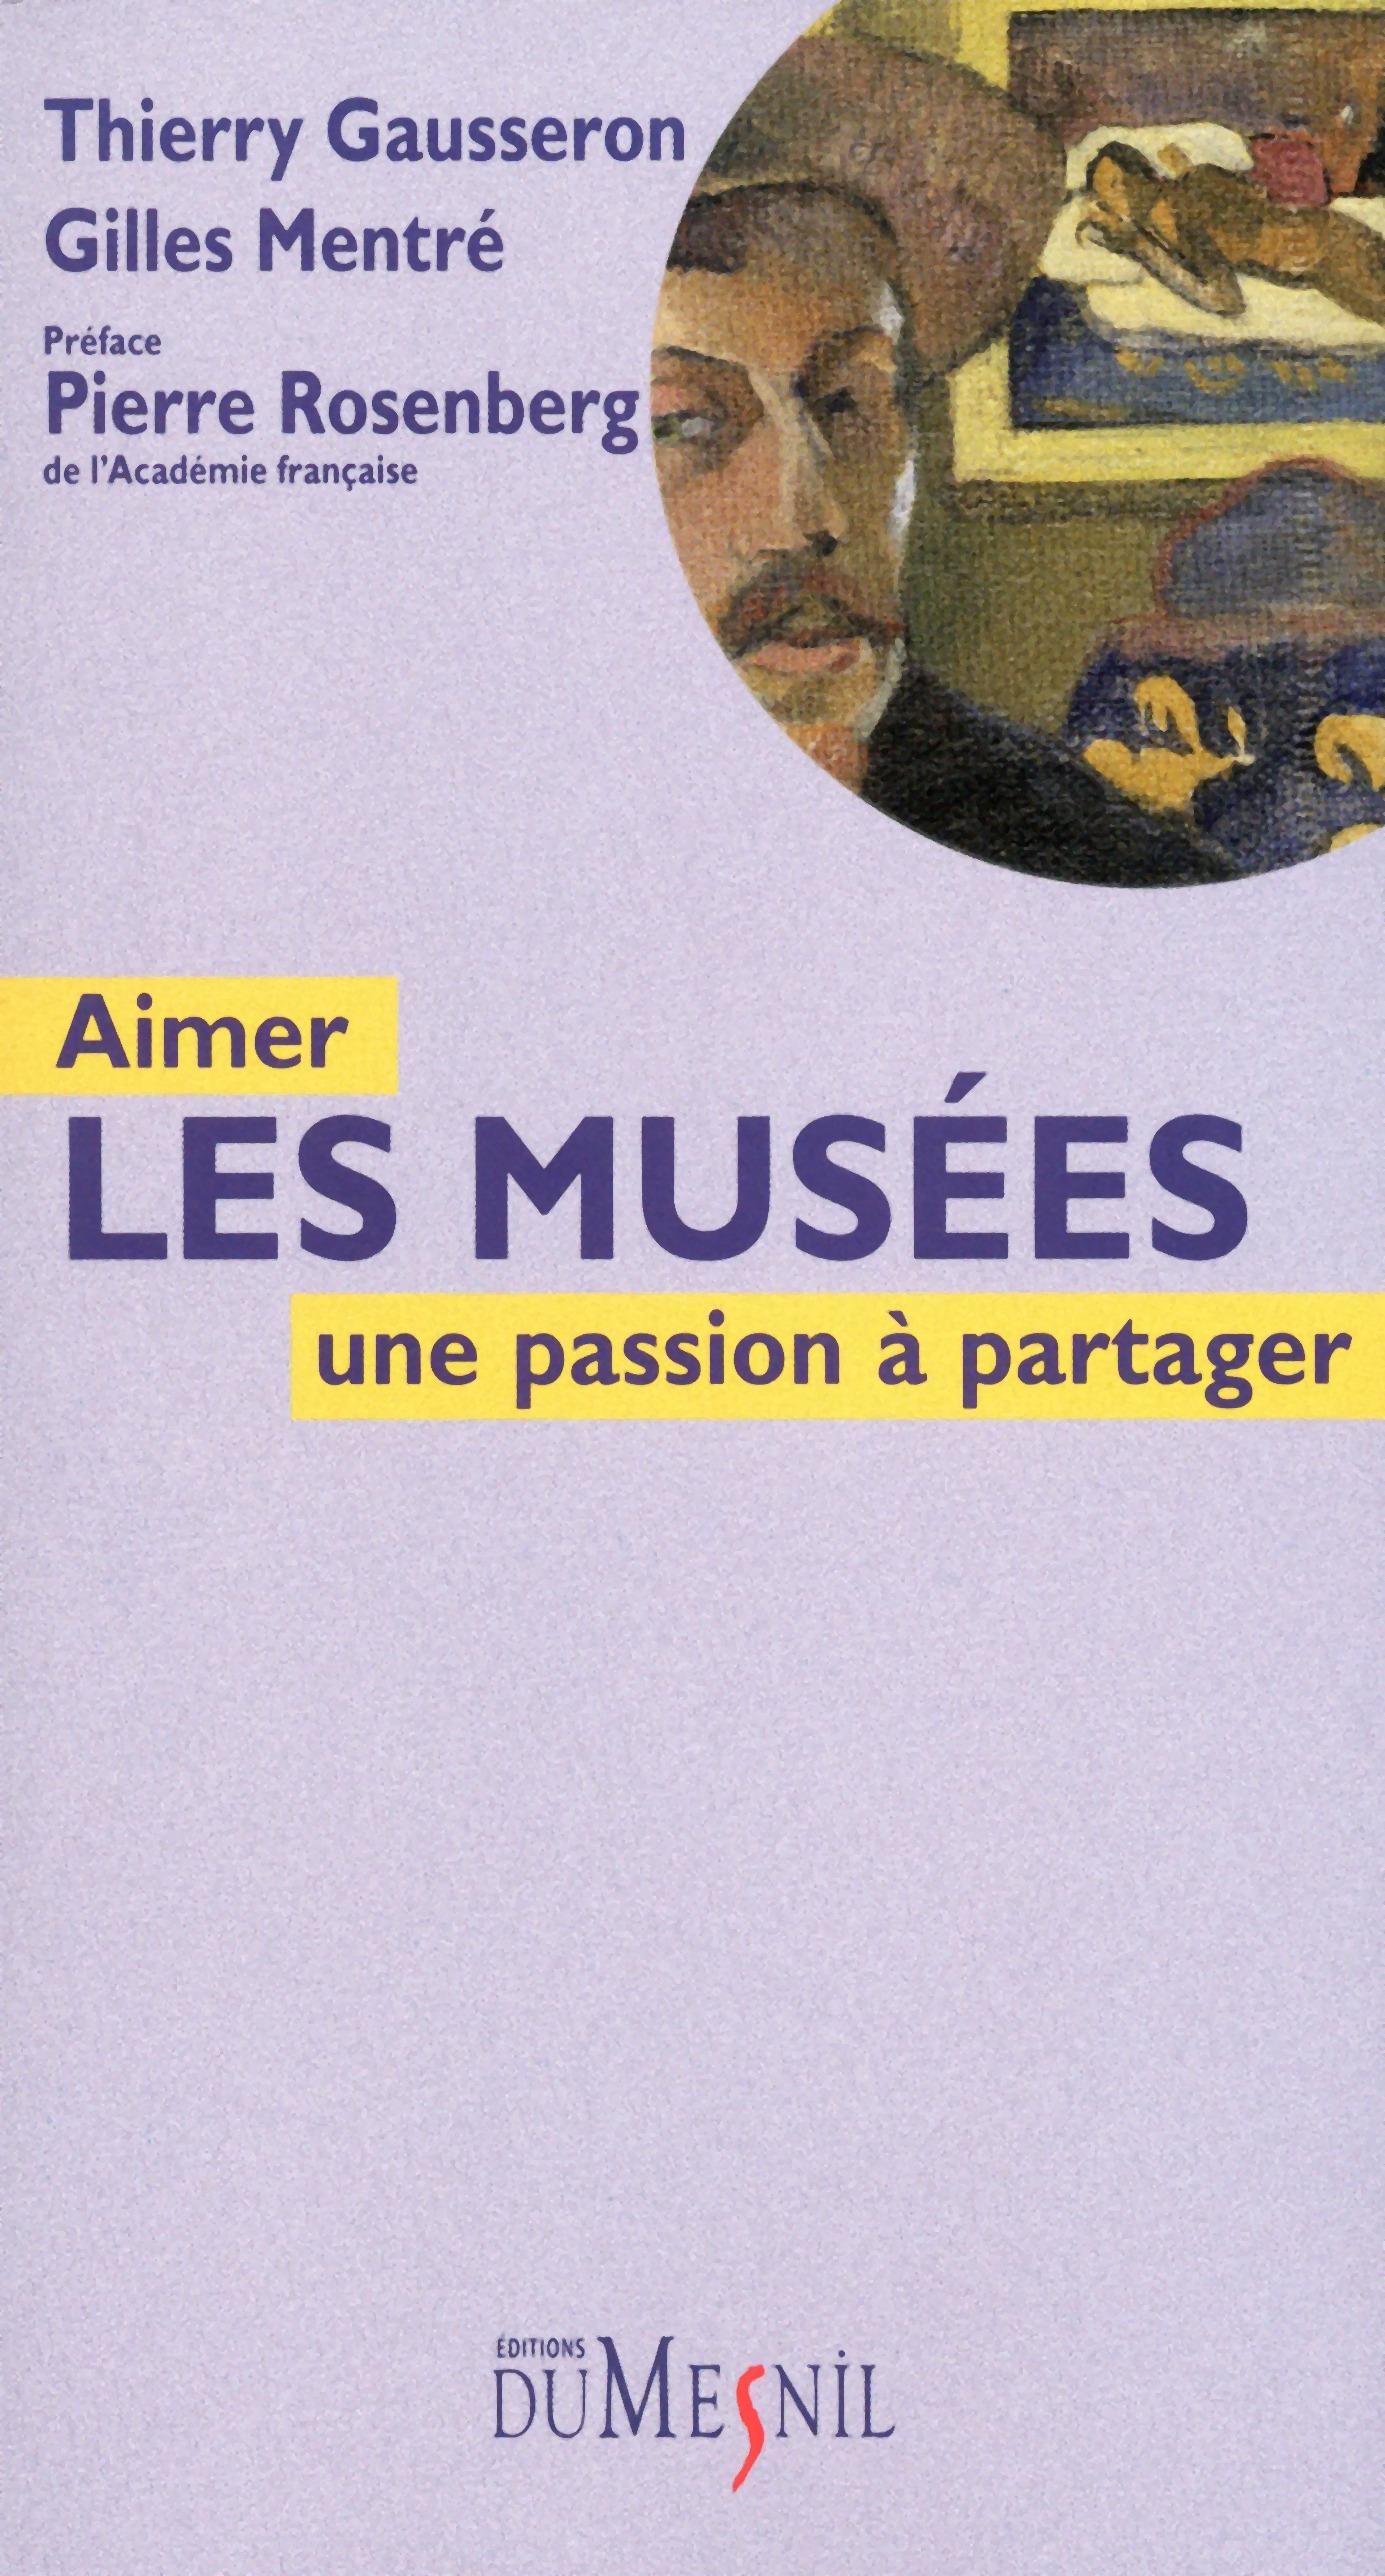 Aimer les musées, UNE PASSION À PARTAGER